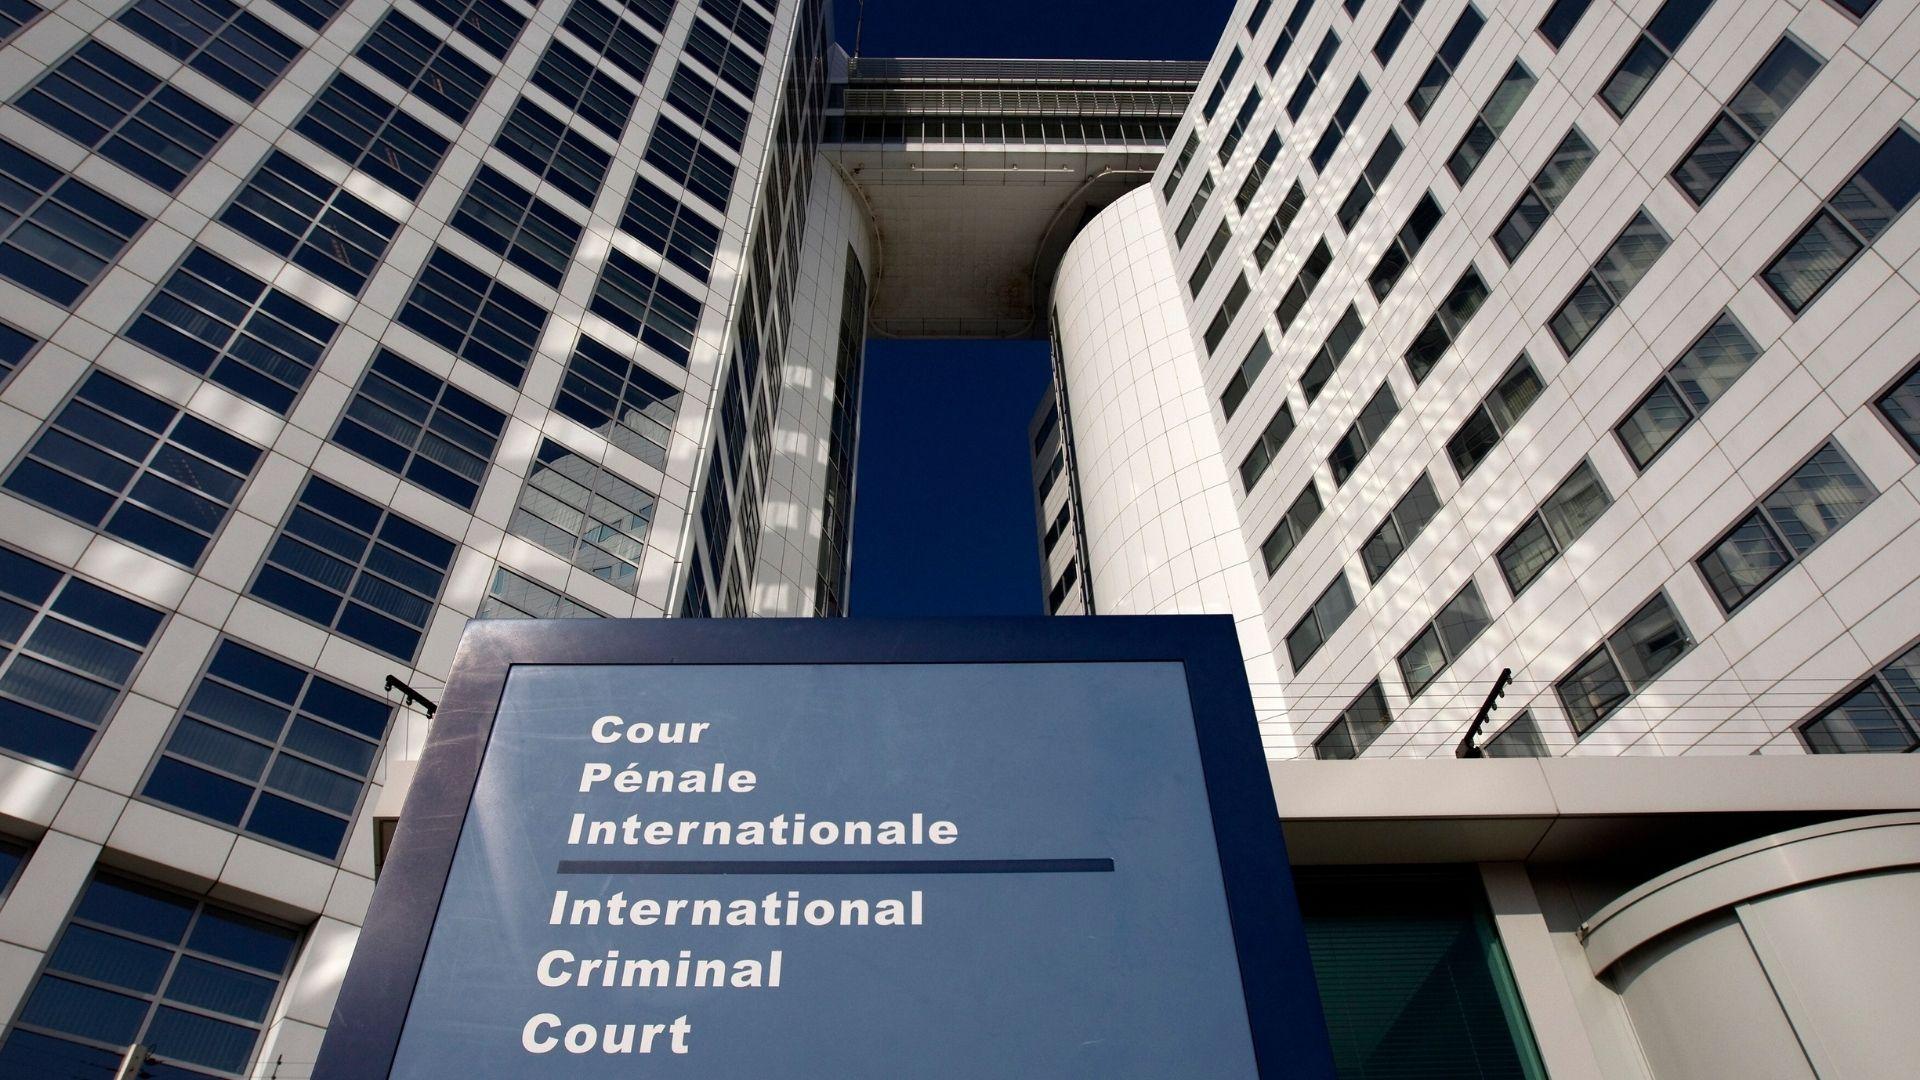 CPI determinó que hay razones para creer que en Venezuela ocurrieron delitos de lesa humanidad